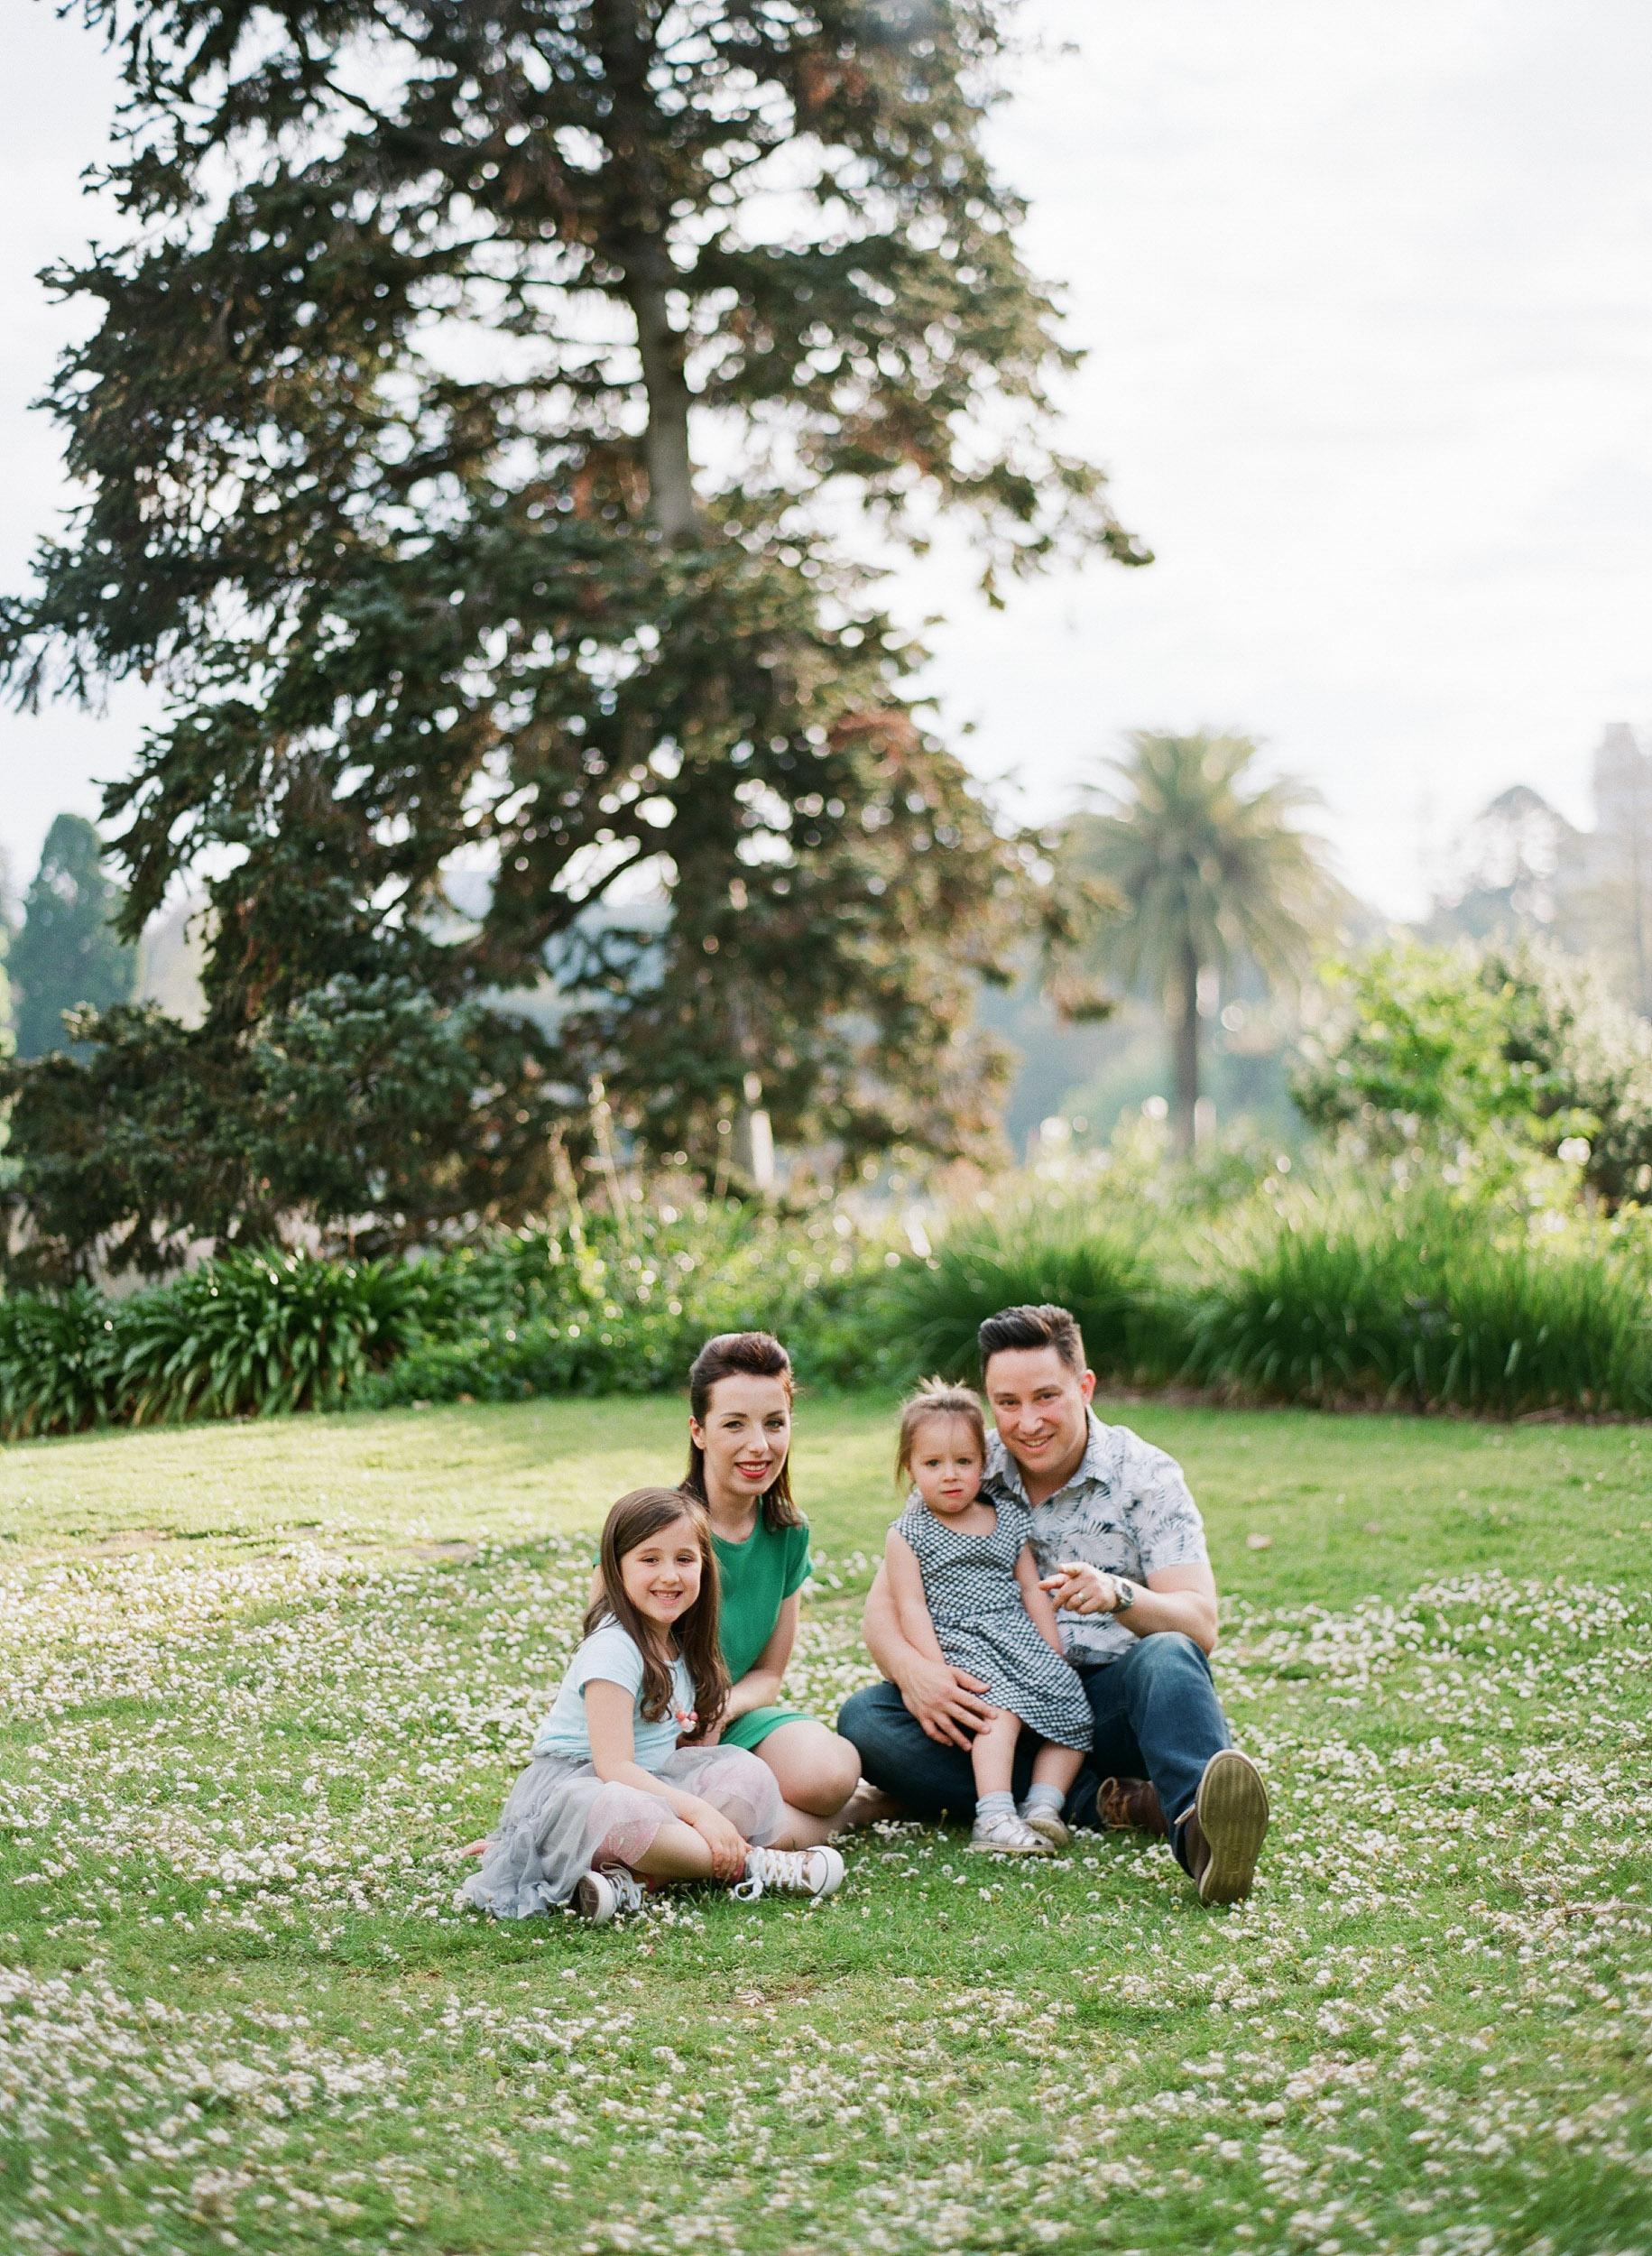 family (3 of 12) - 000077290011.jpg